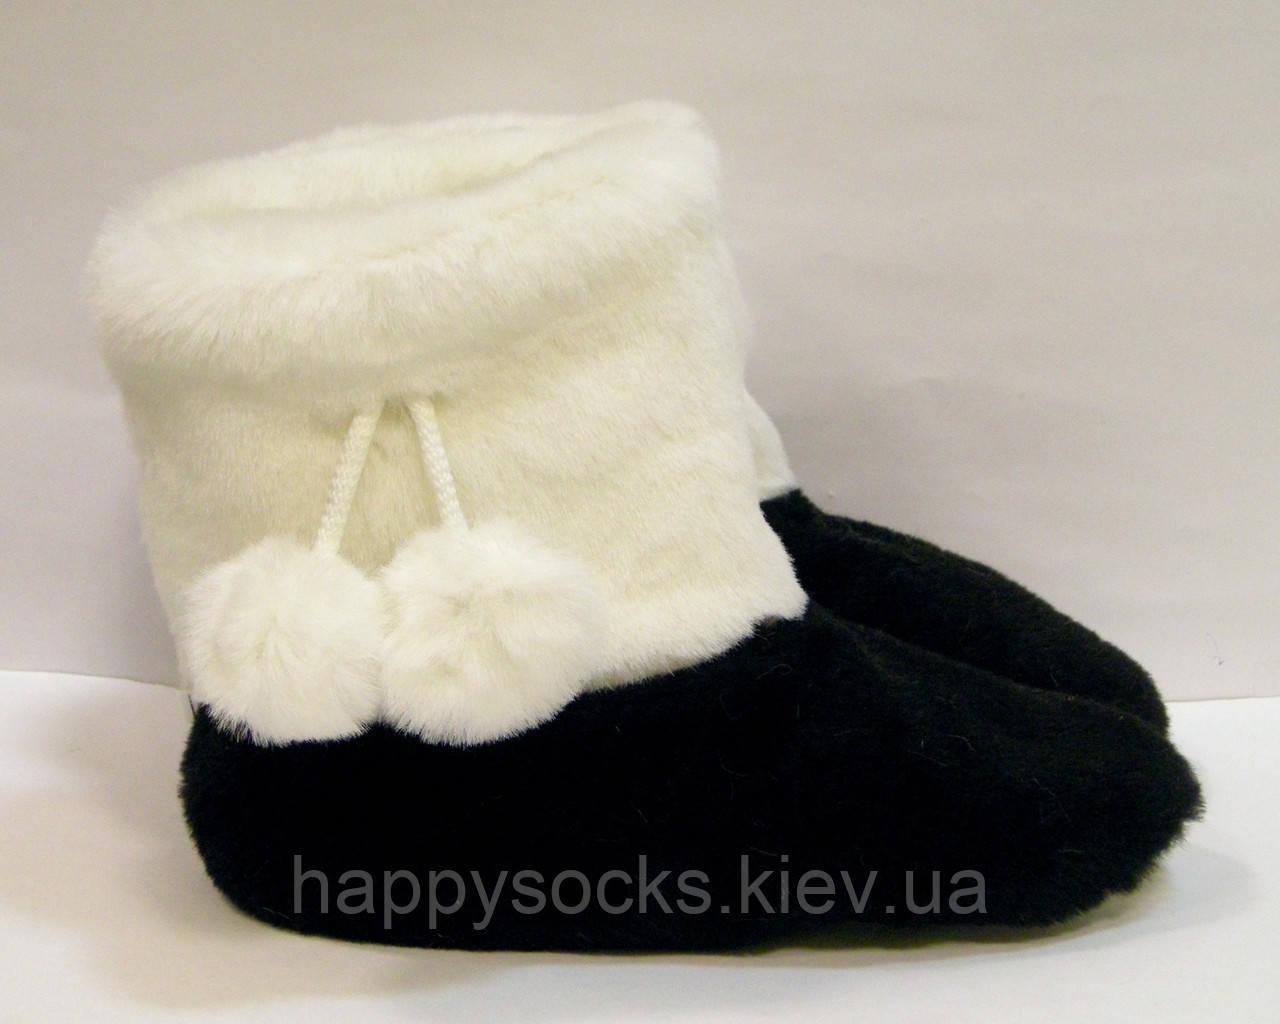 Тапочки-хутряні чобітки з кролика жіночі для будинку